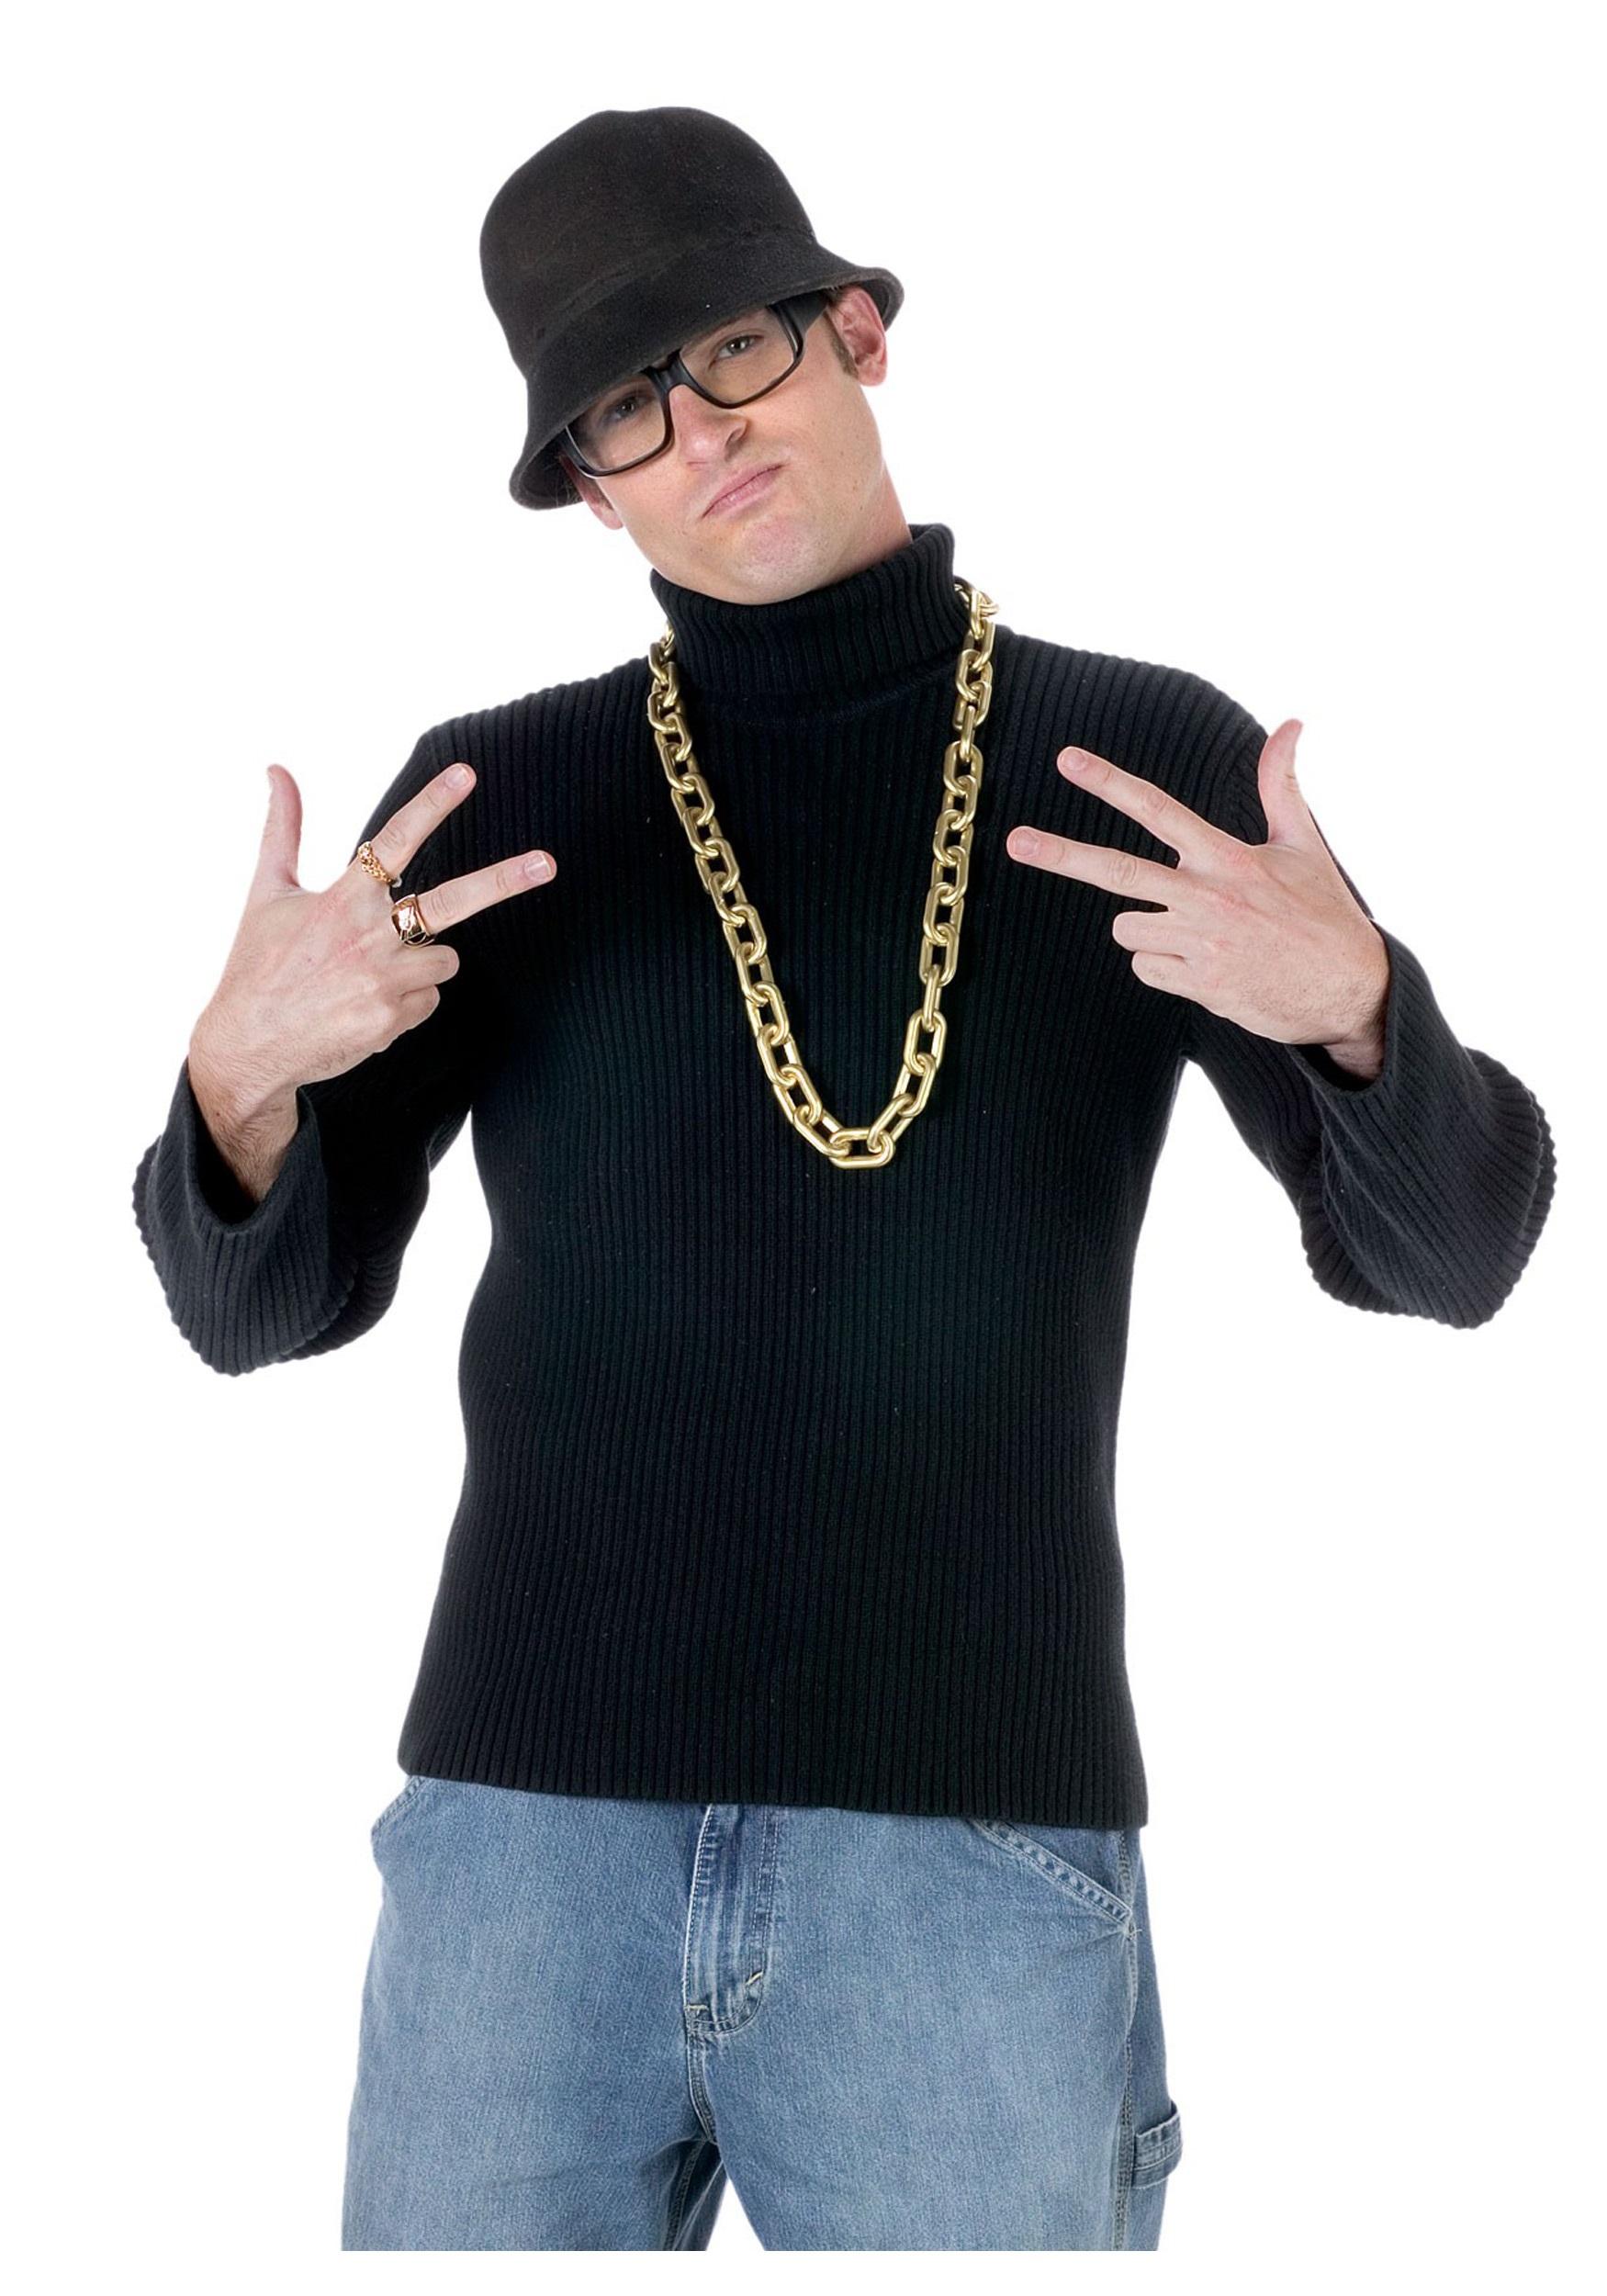 90s Rapper Halloween Costume